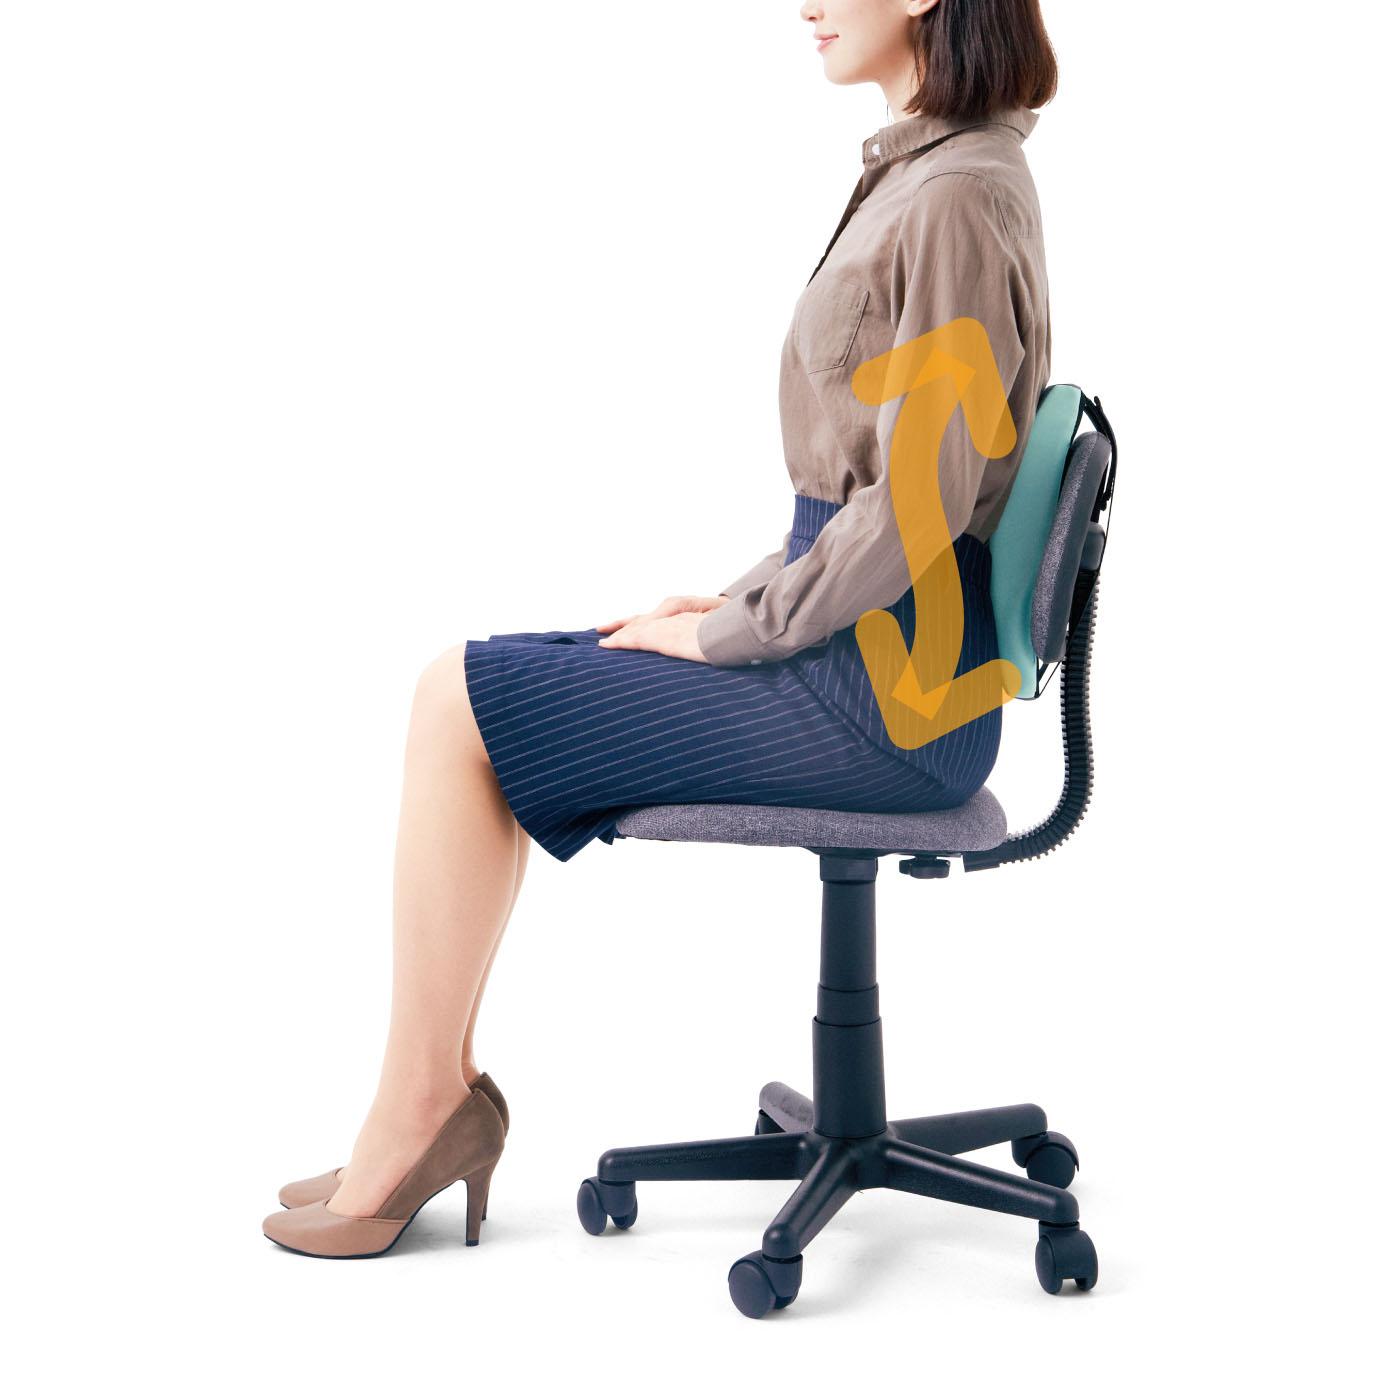 座るだけで、自然と背中がS字カーブを描く正しい姿勢に。